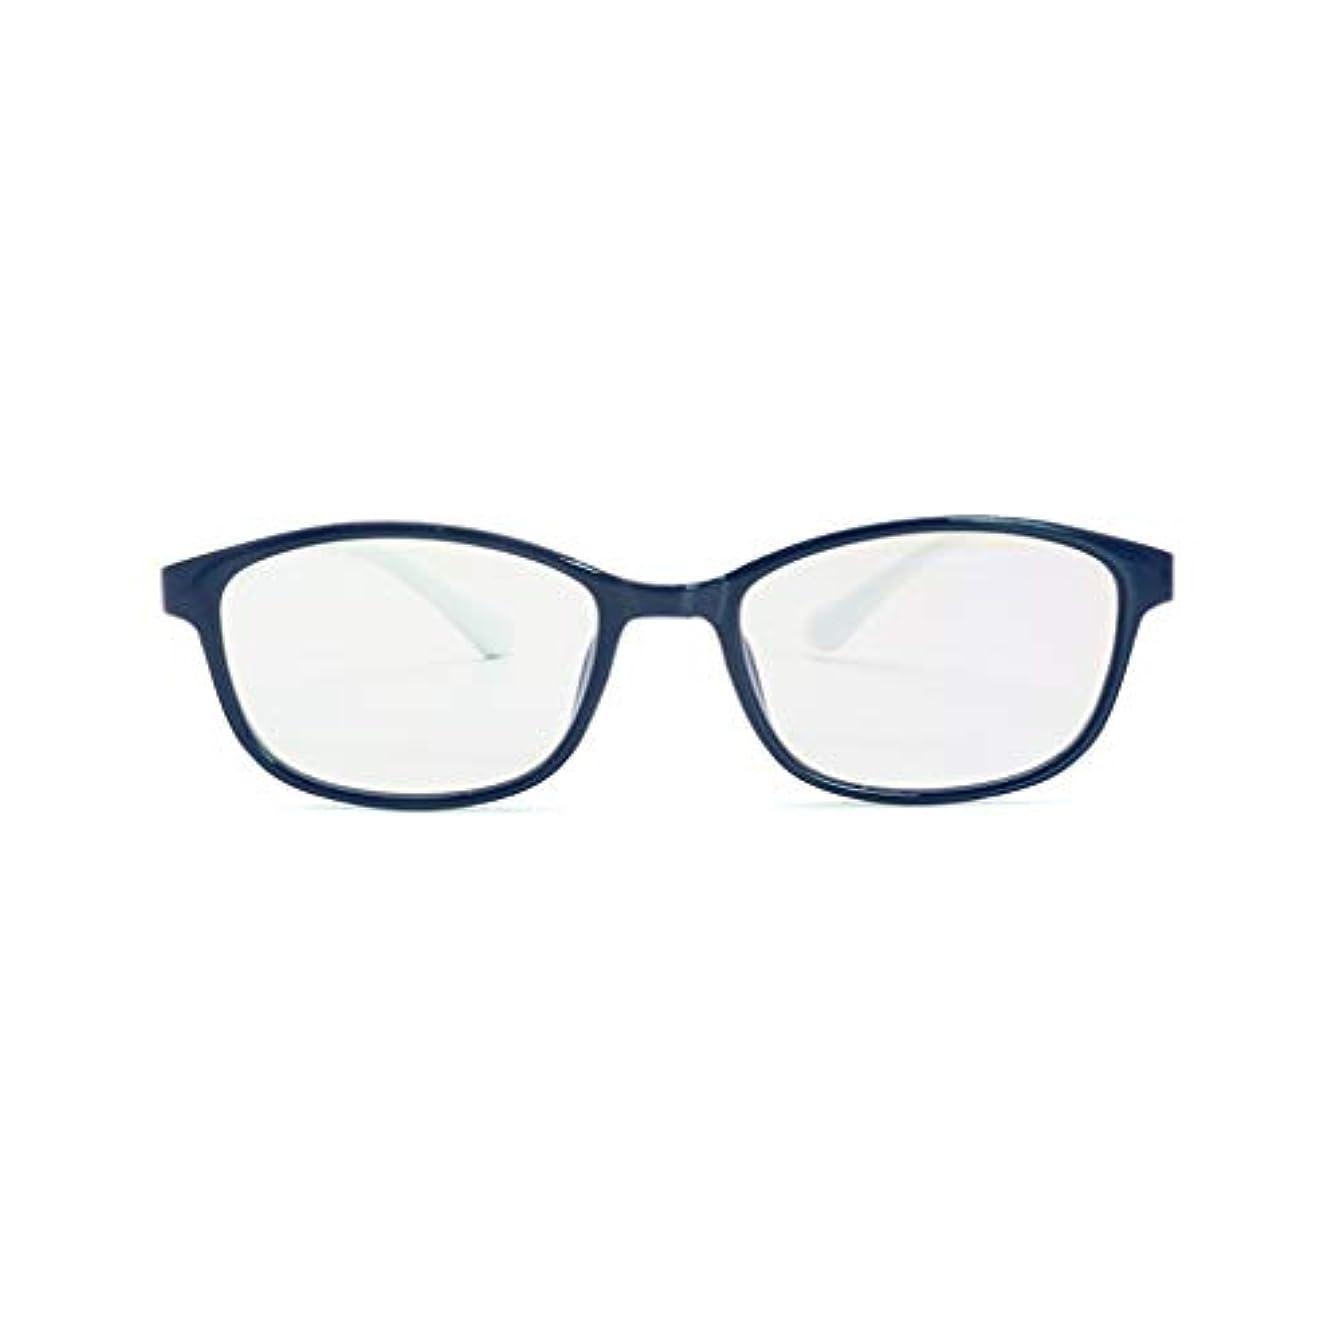 スマートフォンエネルギーメガネ男性と女性のための放射線メガネコンピュータのアイプロテクション平面ブルー度の疲労疲労近視に再生率携帯電話の保護眼